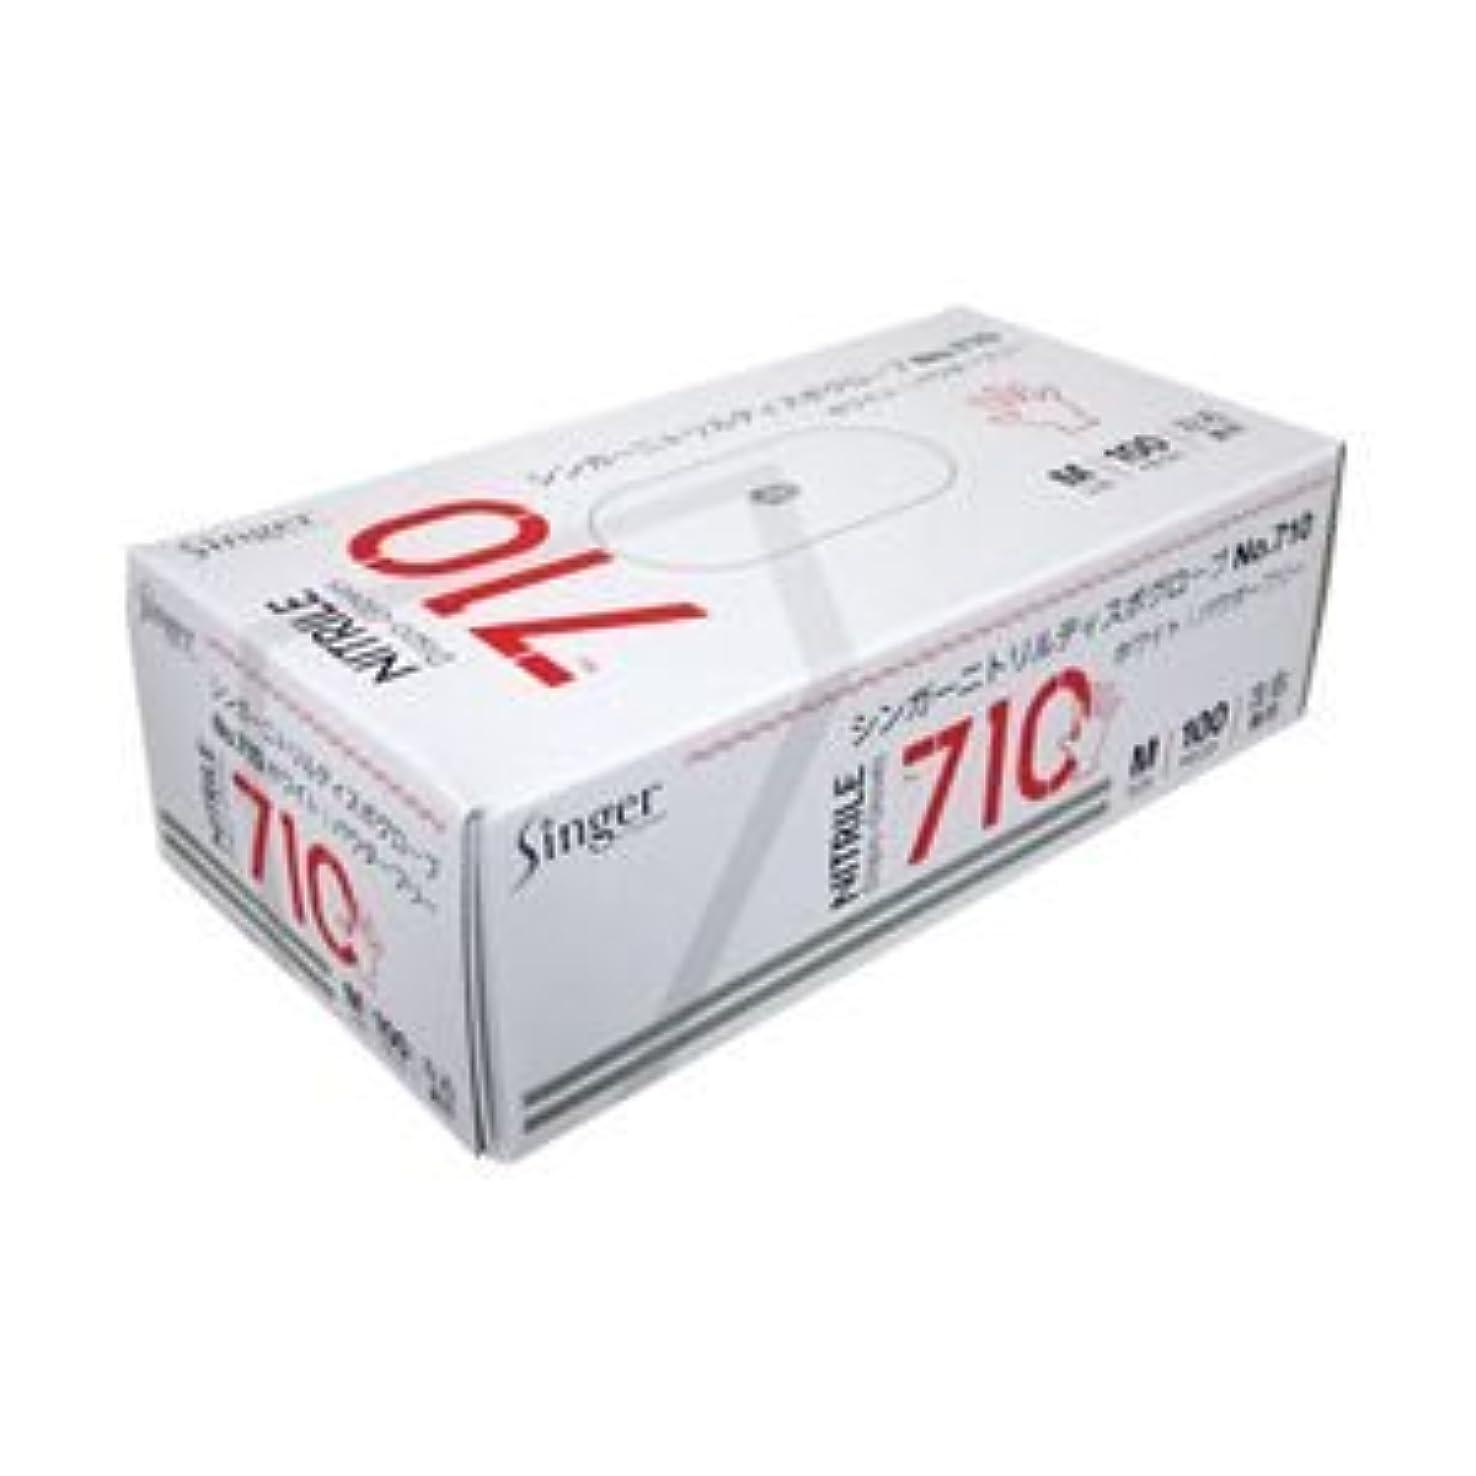 時代横上院宇都宮製作 ニトリル手袋710 粉なし M 1箱(100枚) ×5セット